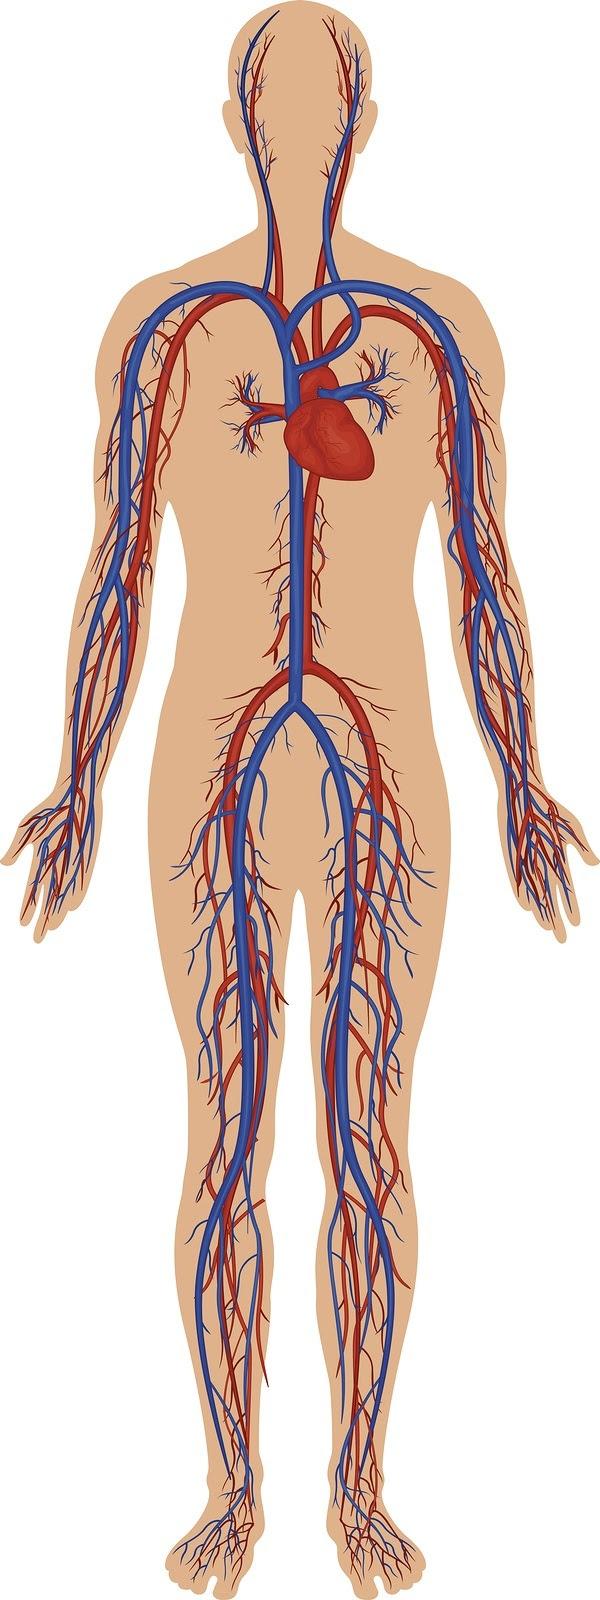 Alto dettaglio illustrazione del sistema circolatorio umano